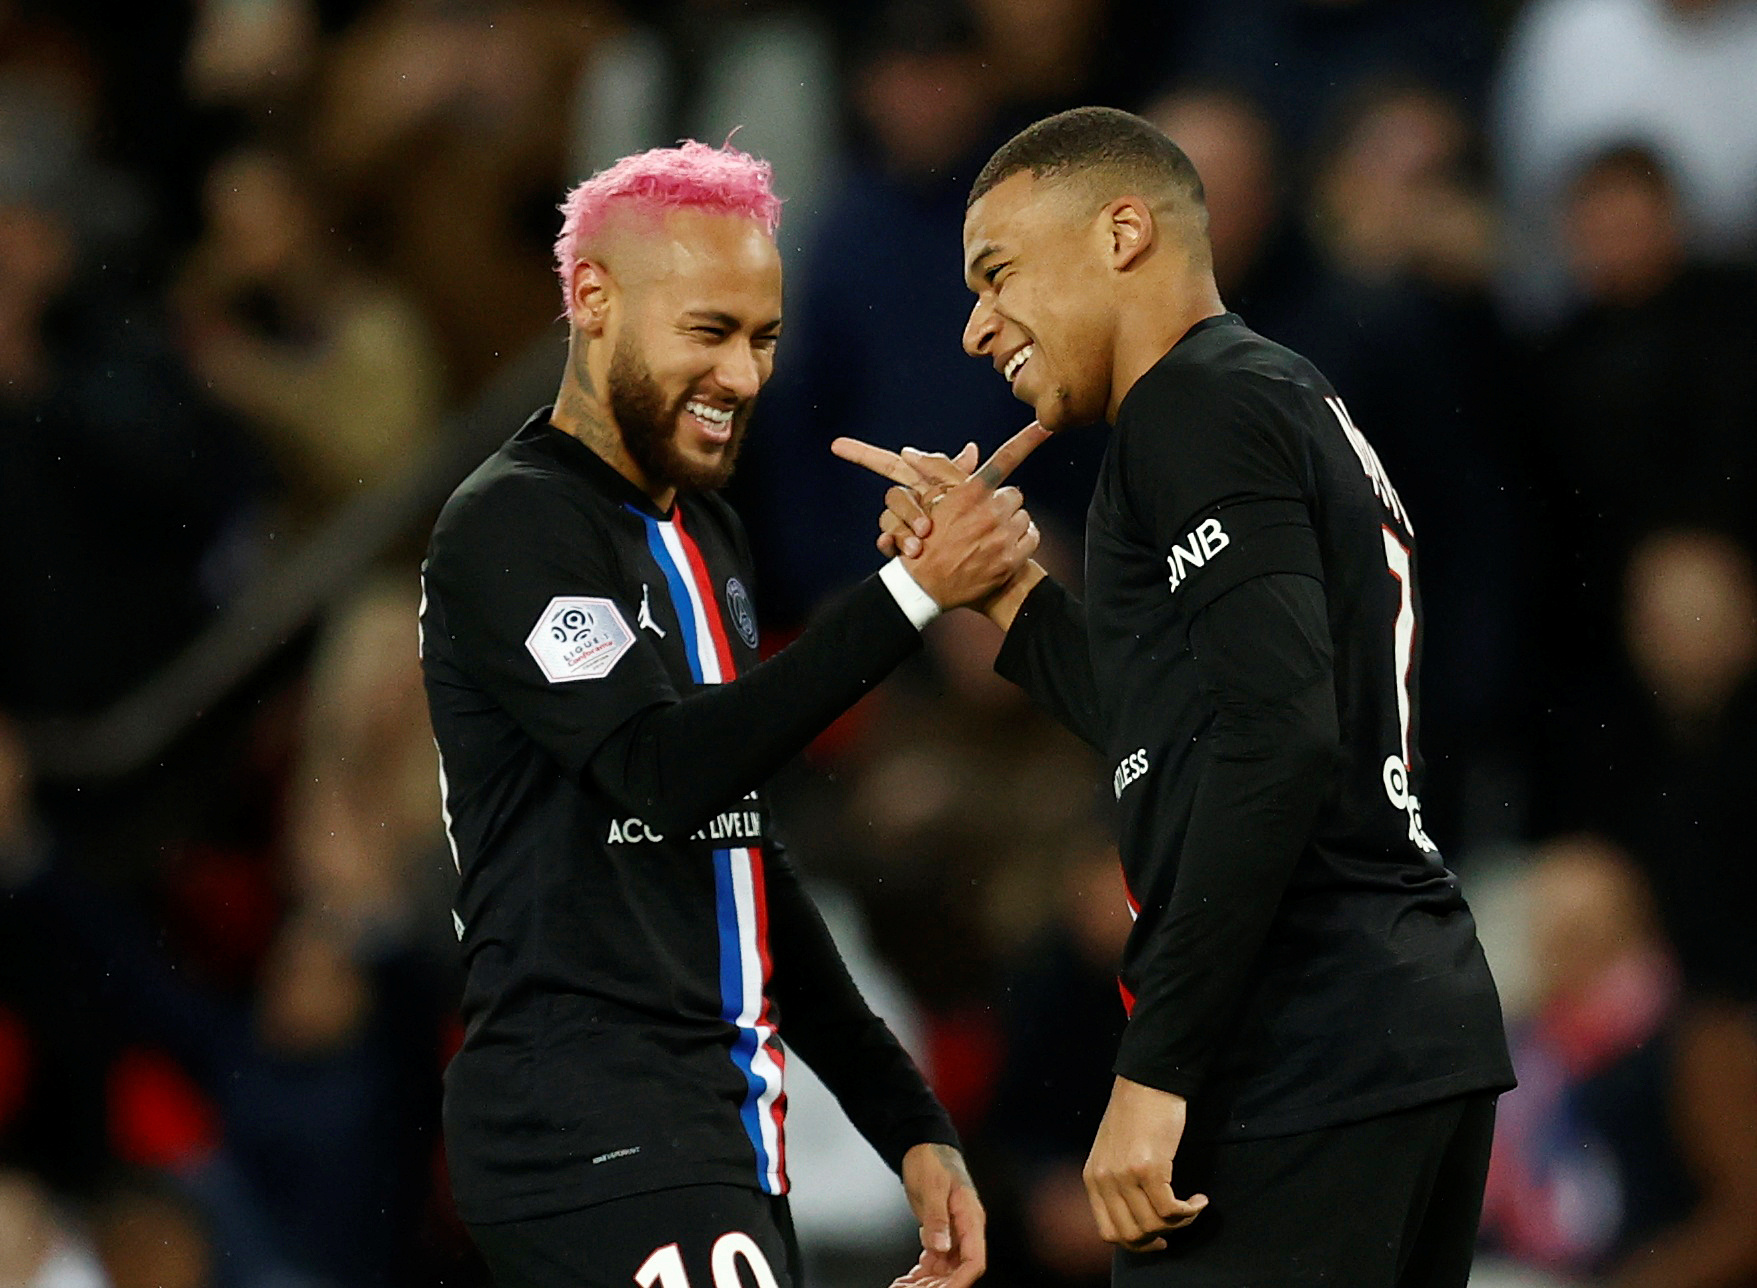 Football - Transferts - Le journal du mercato : Neymar et Mbappé pourraient perdre plus de 20% de leur valeur à cause du coronavirus